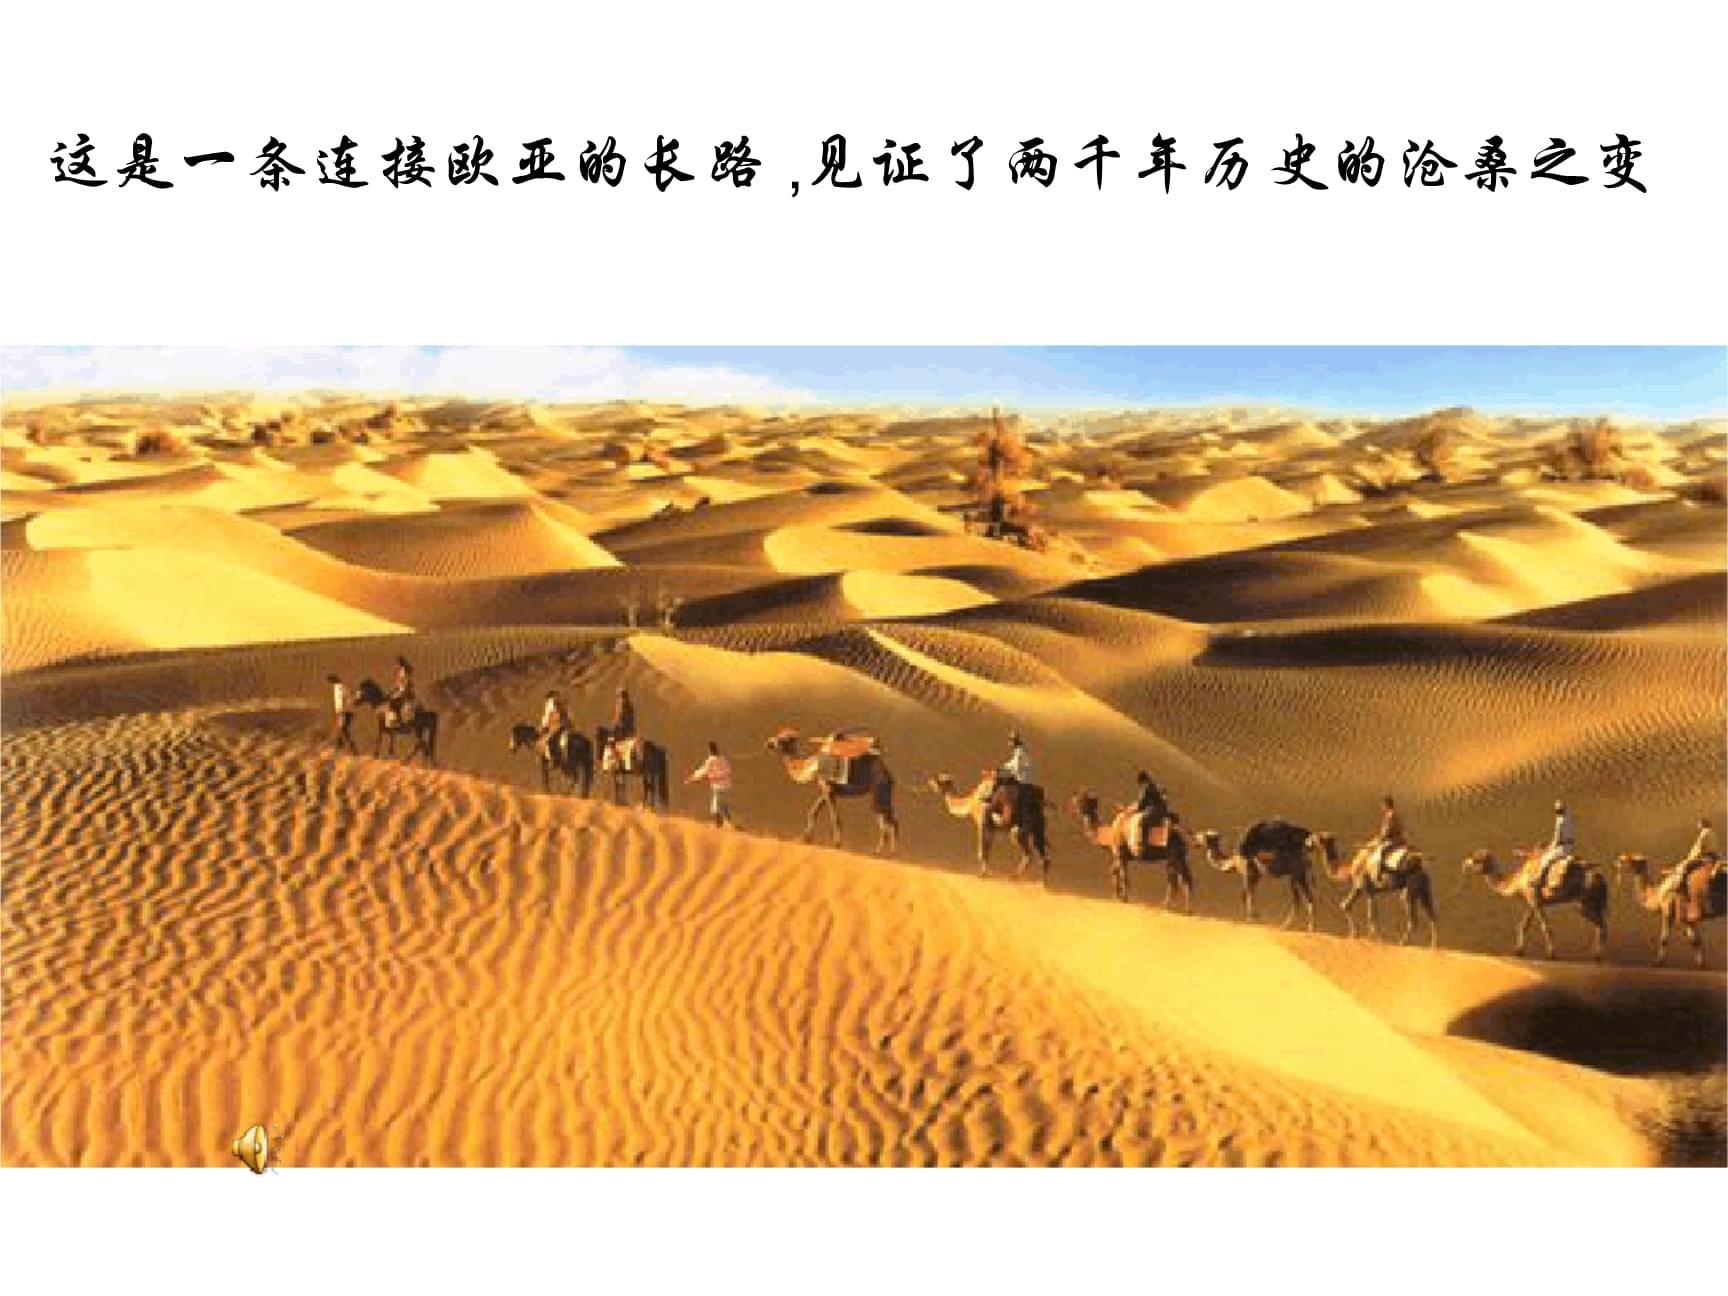 沟通中外文明的丝绸之路 课件14 人教版.ppt